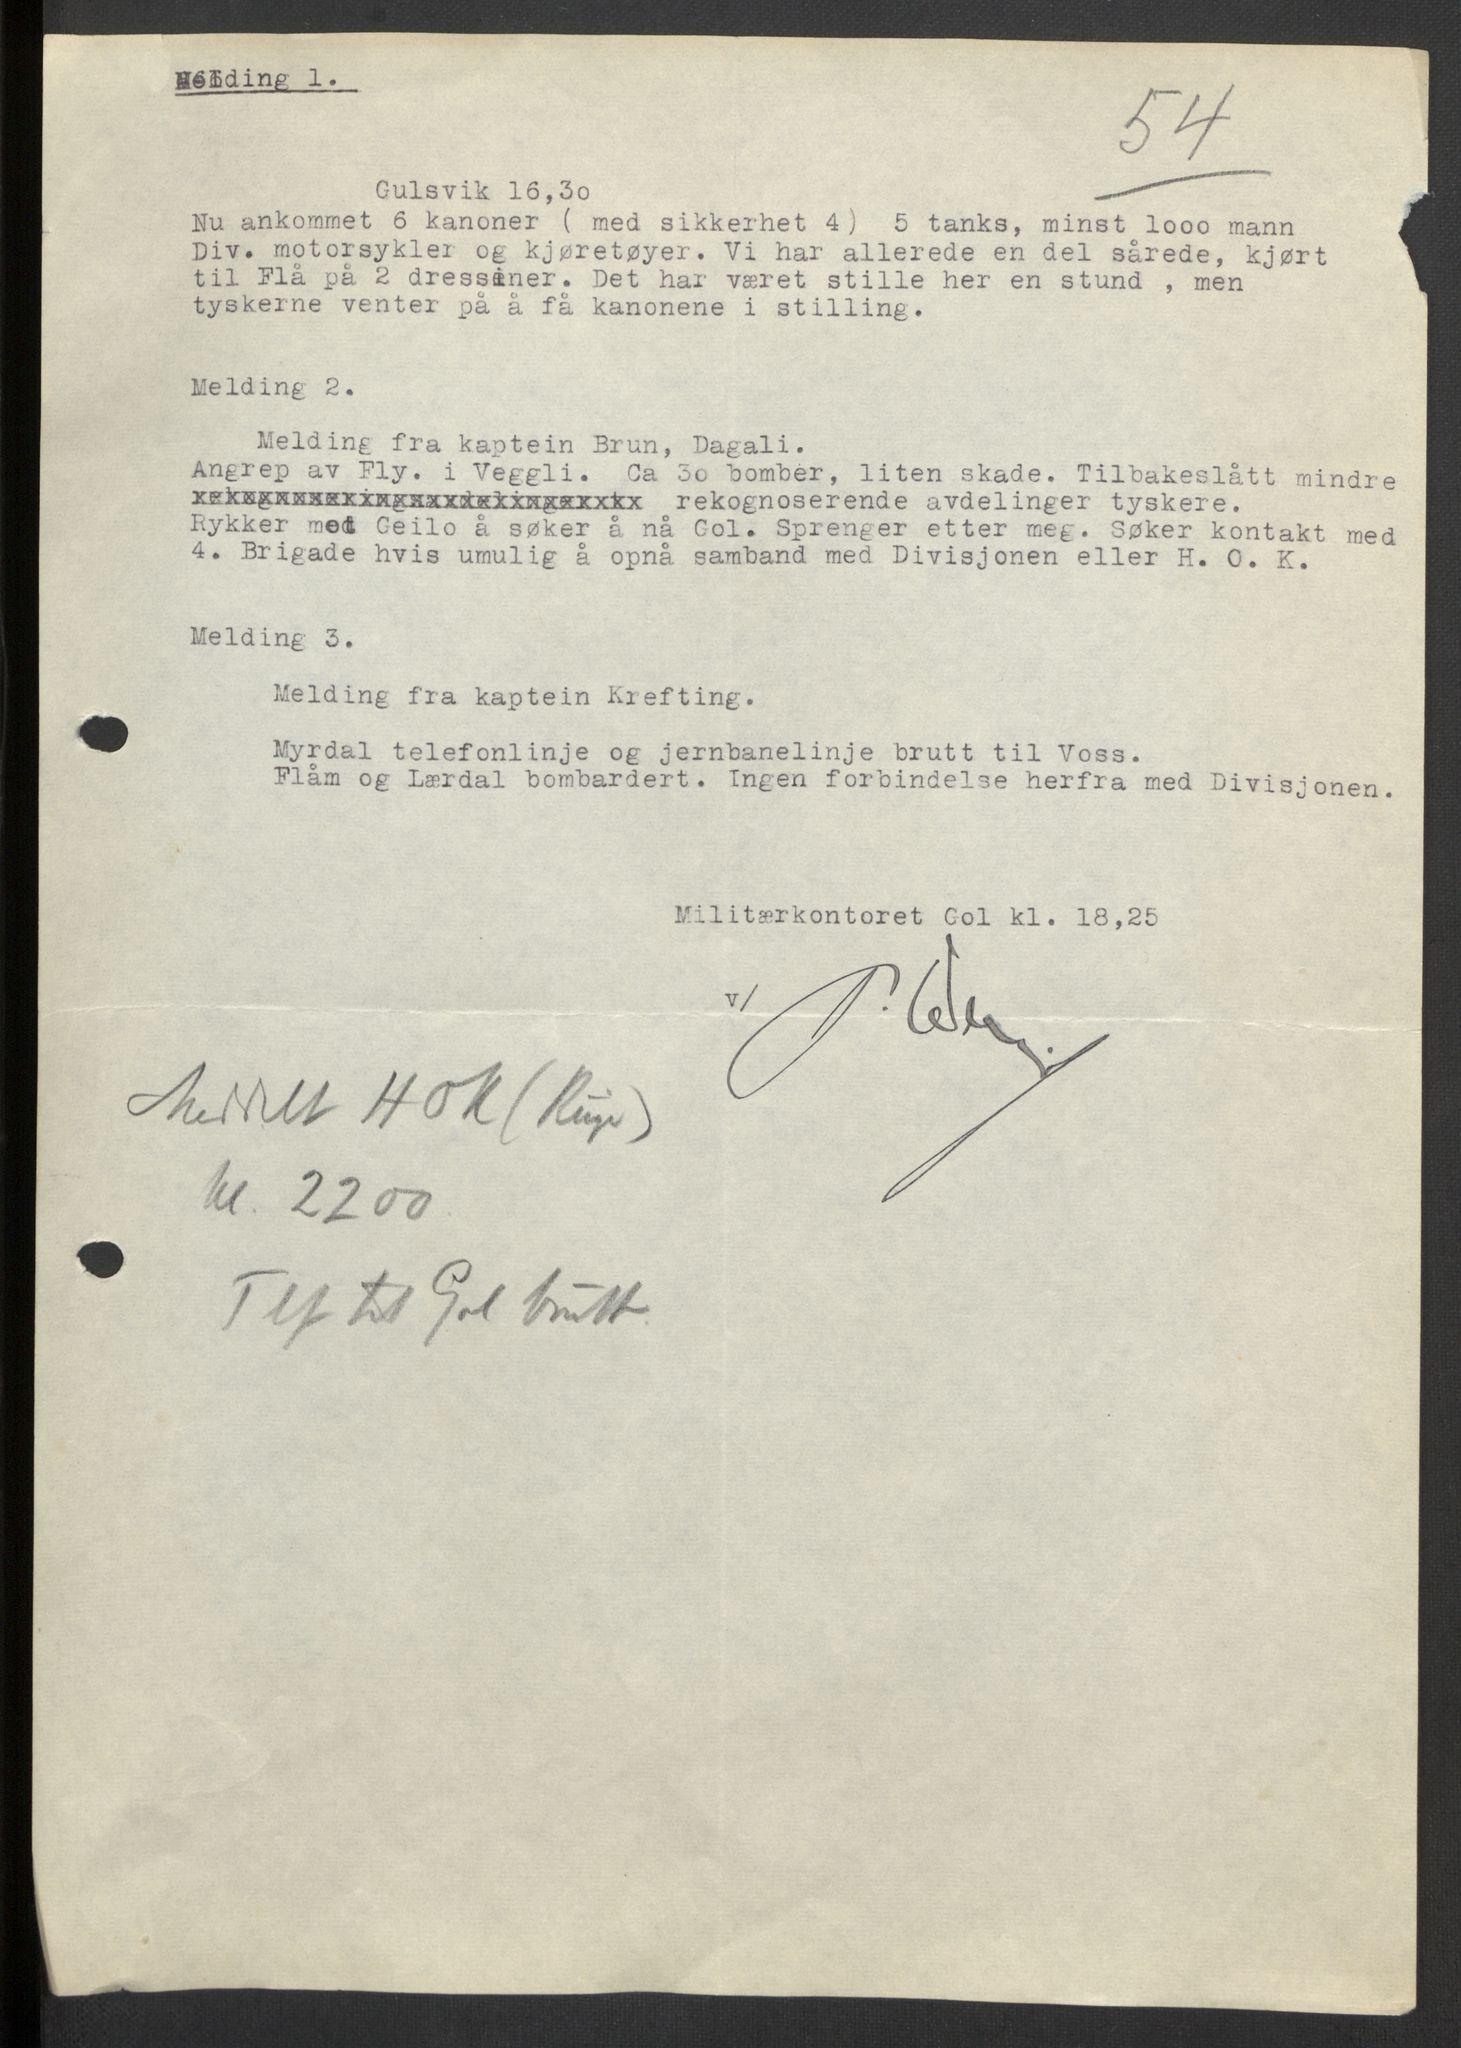 RA, Forsvaret, Forsvarets krigshistoriske avdeling, Y/Yb/L0104: II-C-11-430  -  4. Divisjon., 1940, s. 221